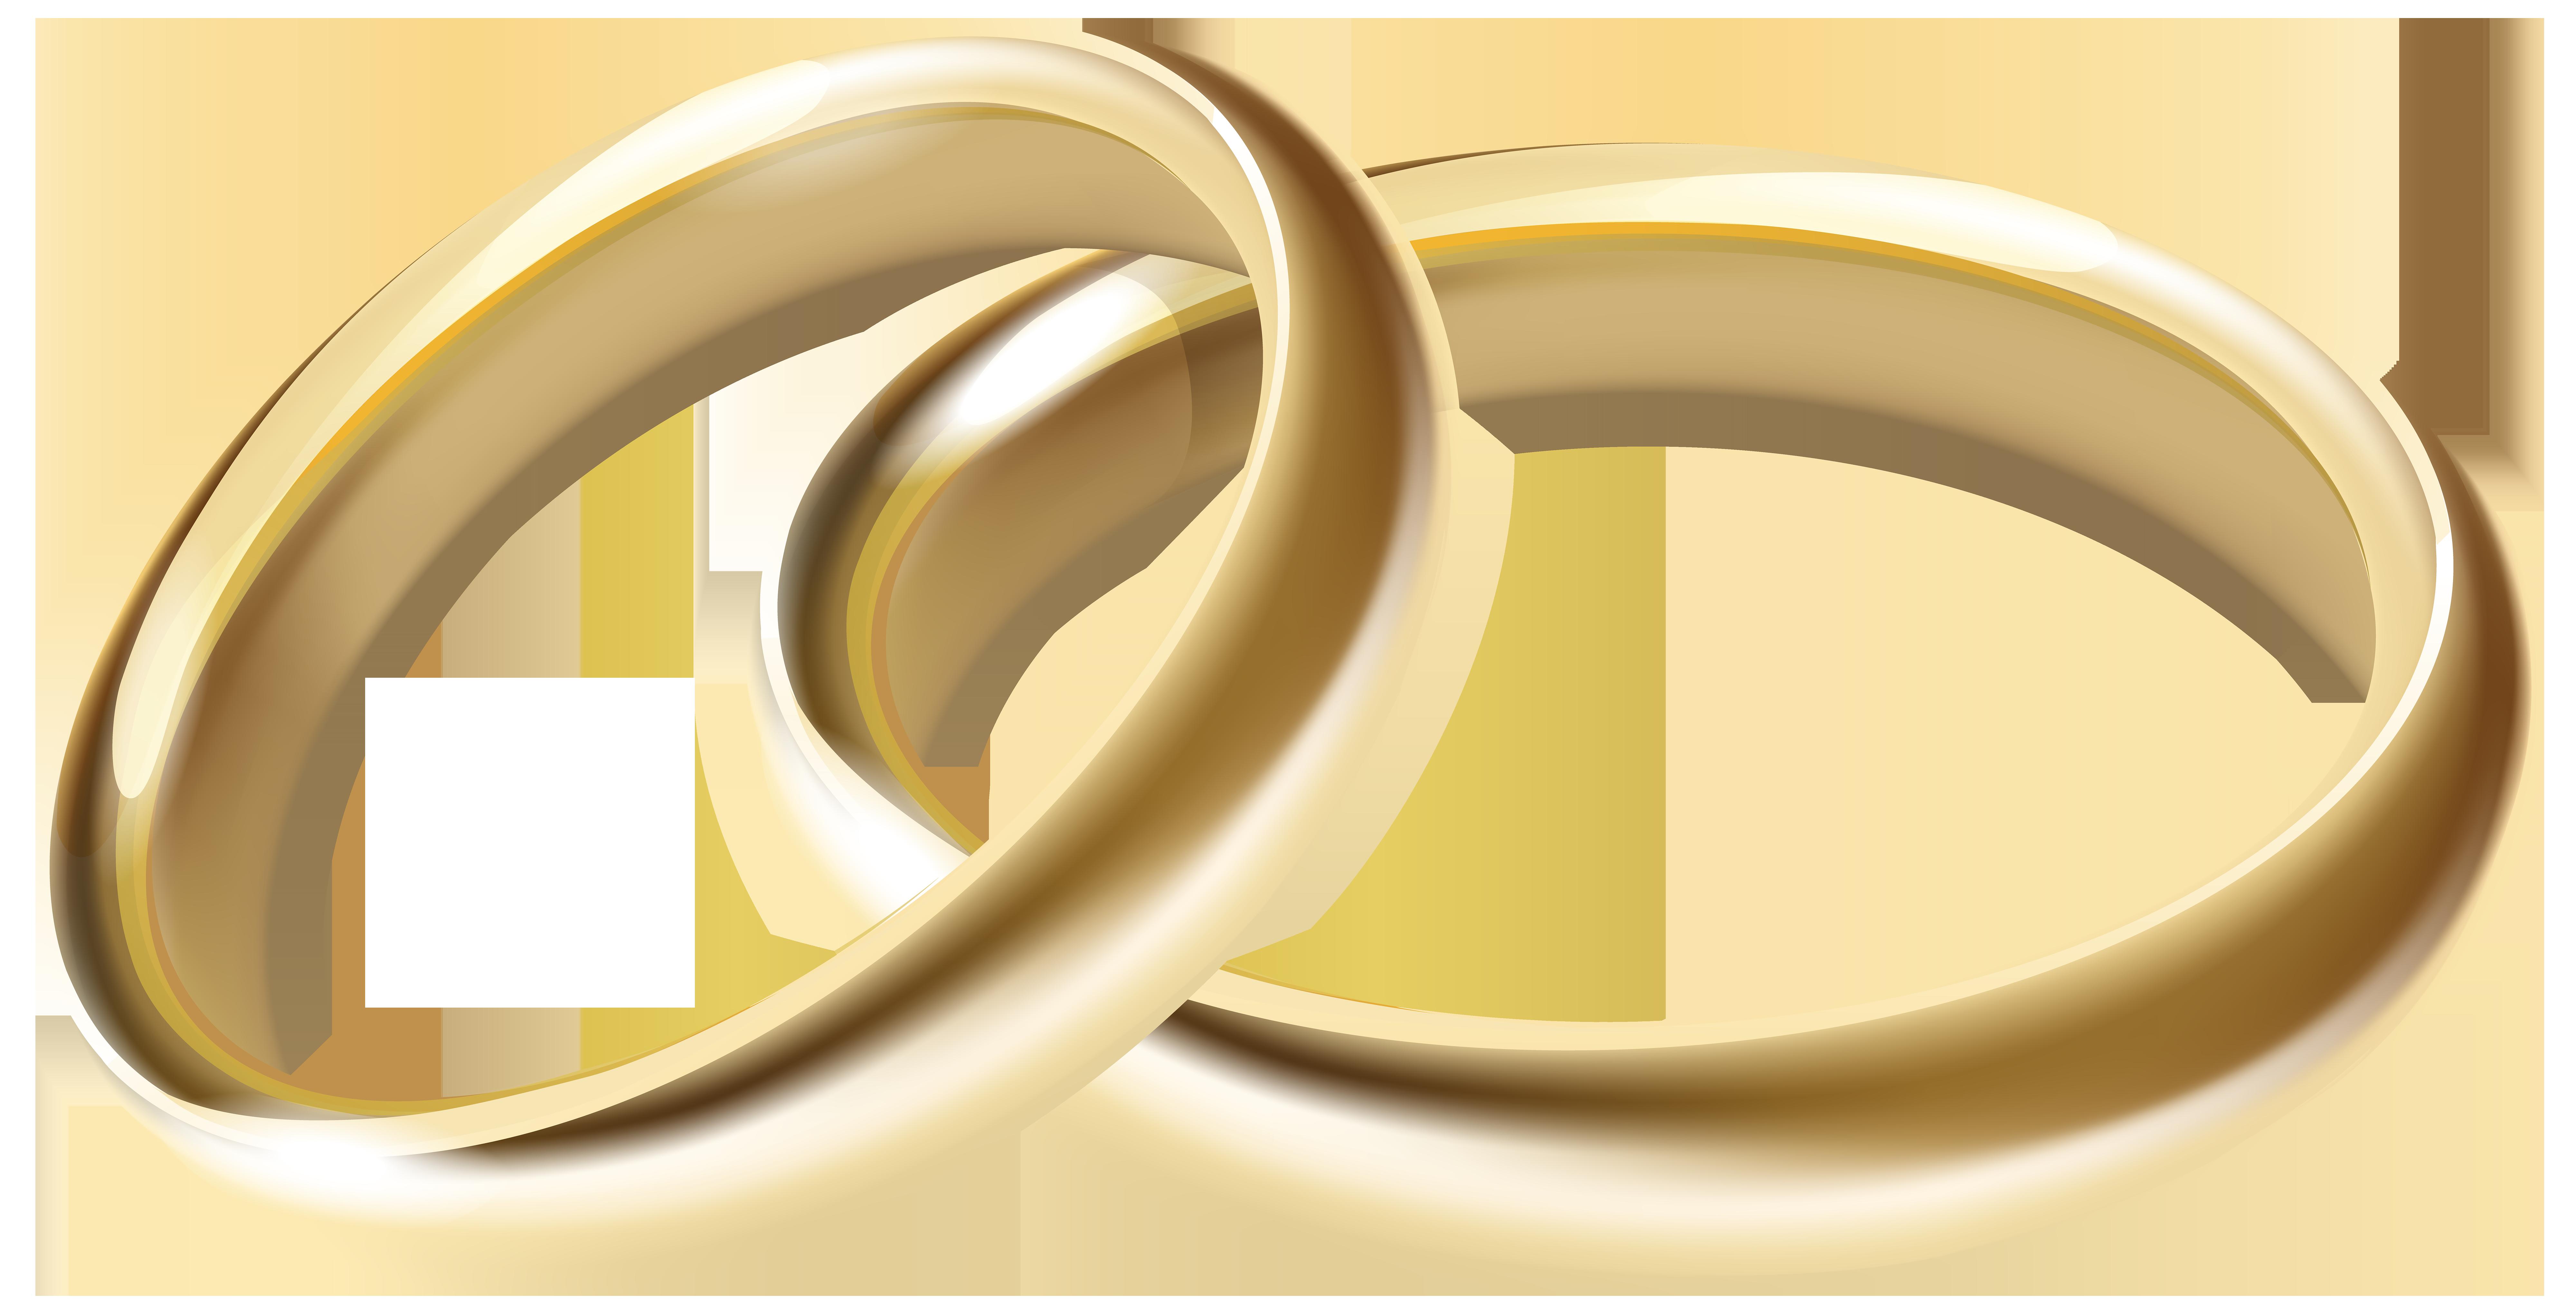 Wedding ring Clip art.